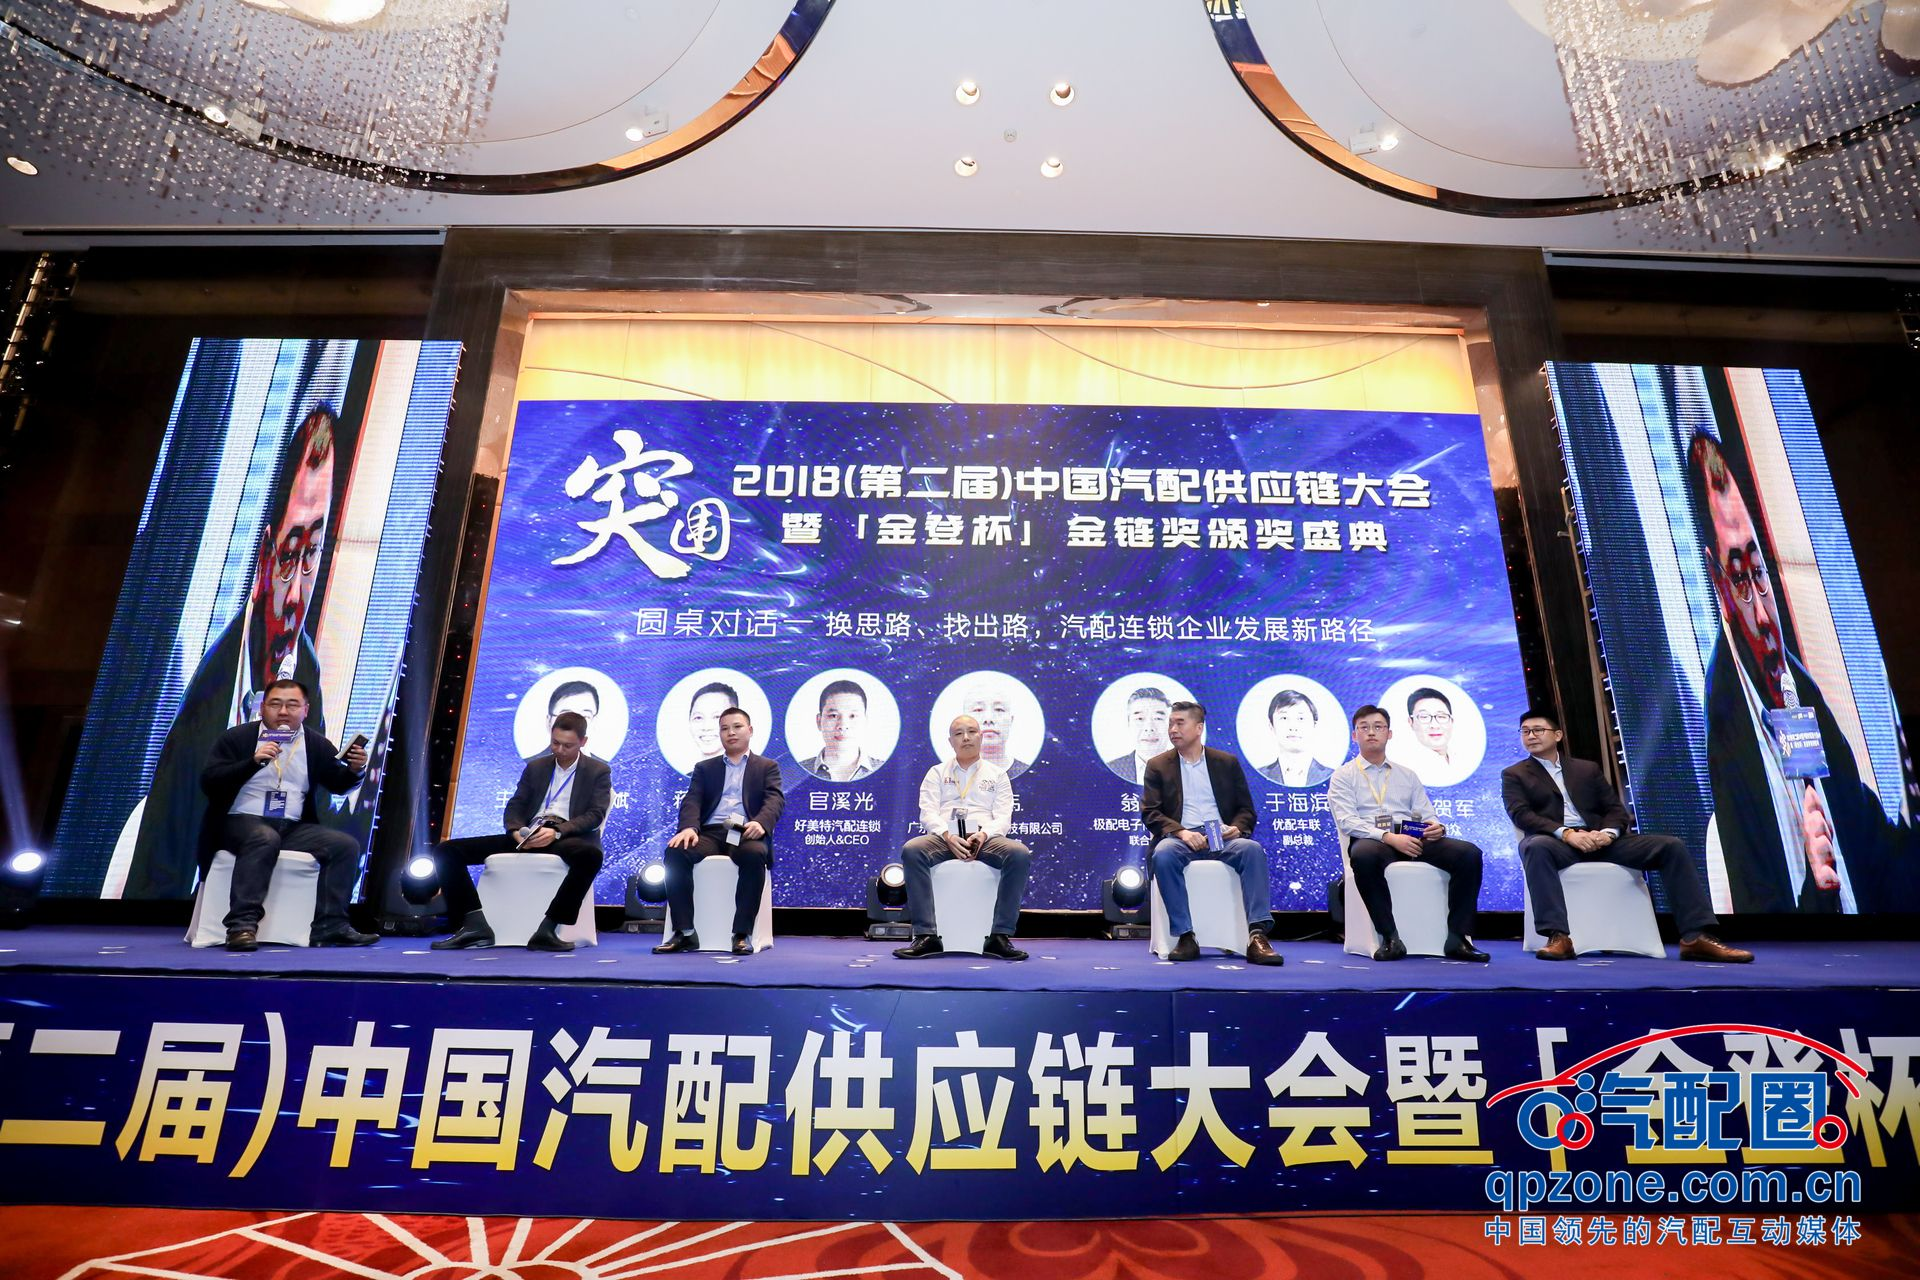 嘉宾从左往右依次为:李斌斌、蒋仁海、官溪光、林小伟、翁家和、于海滨、许贺军